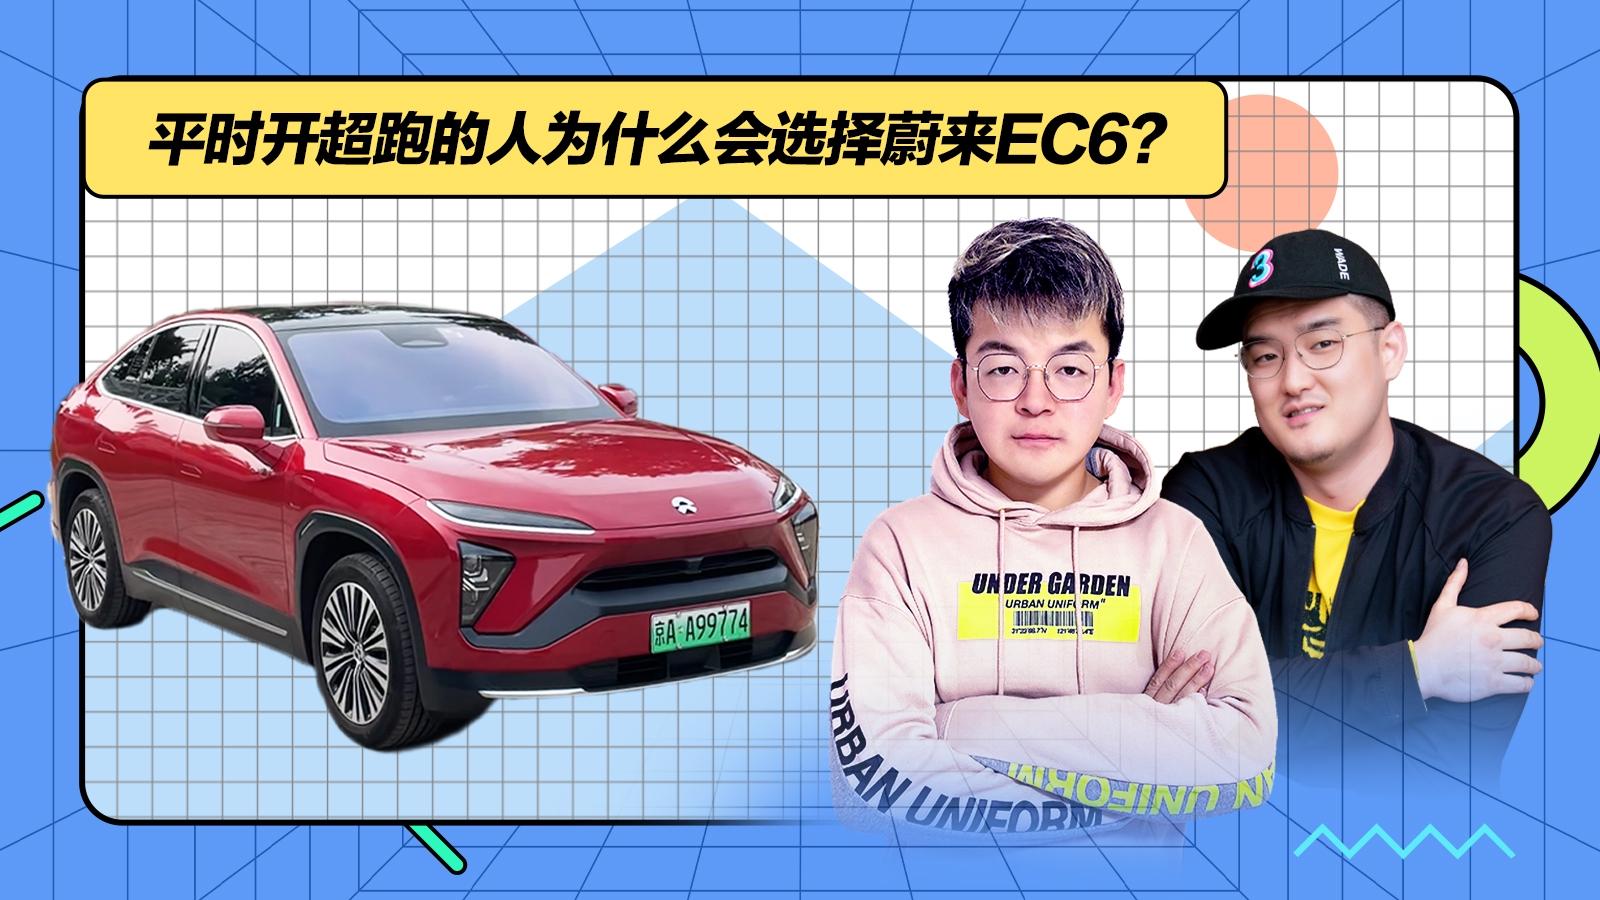 视频:【车主来了】这台EC6居然是车主买蔚来股票挣出来的!